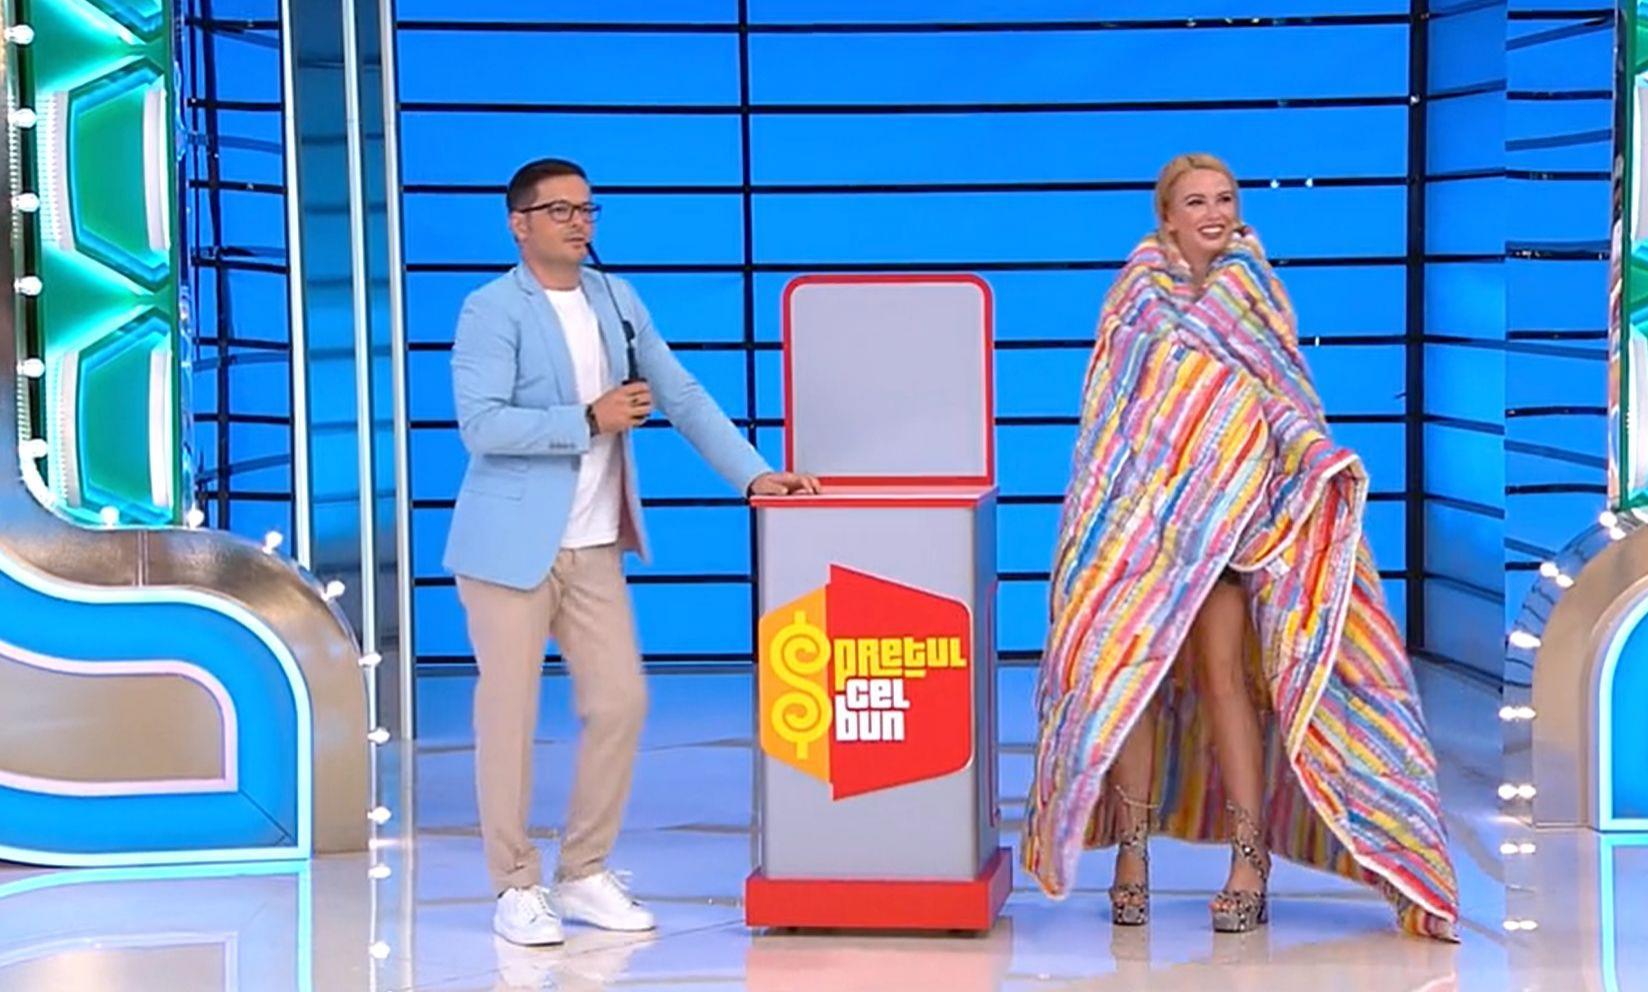 Prețul cel bun, 5 octombrie. Andrei Ștefănescu, glume pe seama înălțimii lui Liviu Vârciu. Ce i-a spus prezentatorului